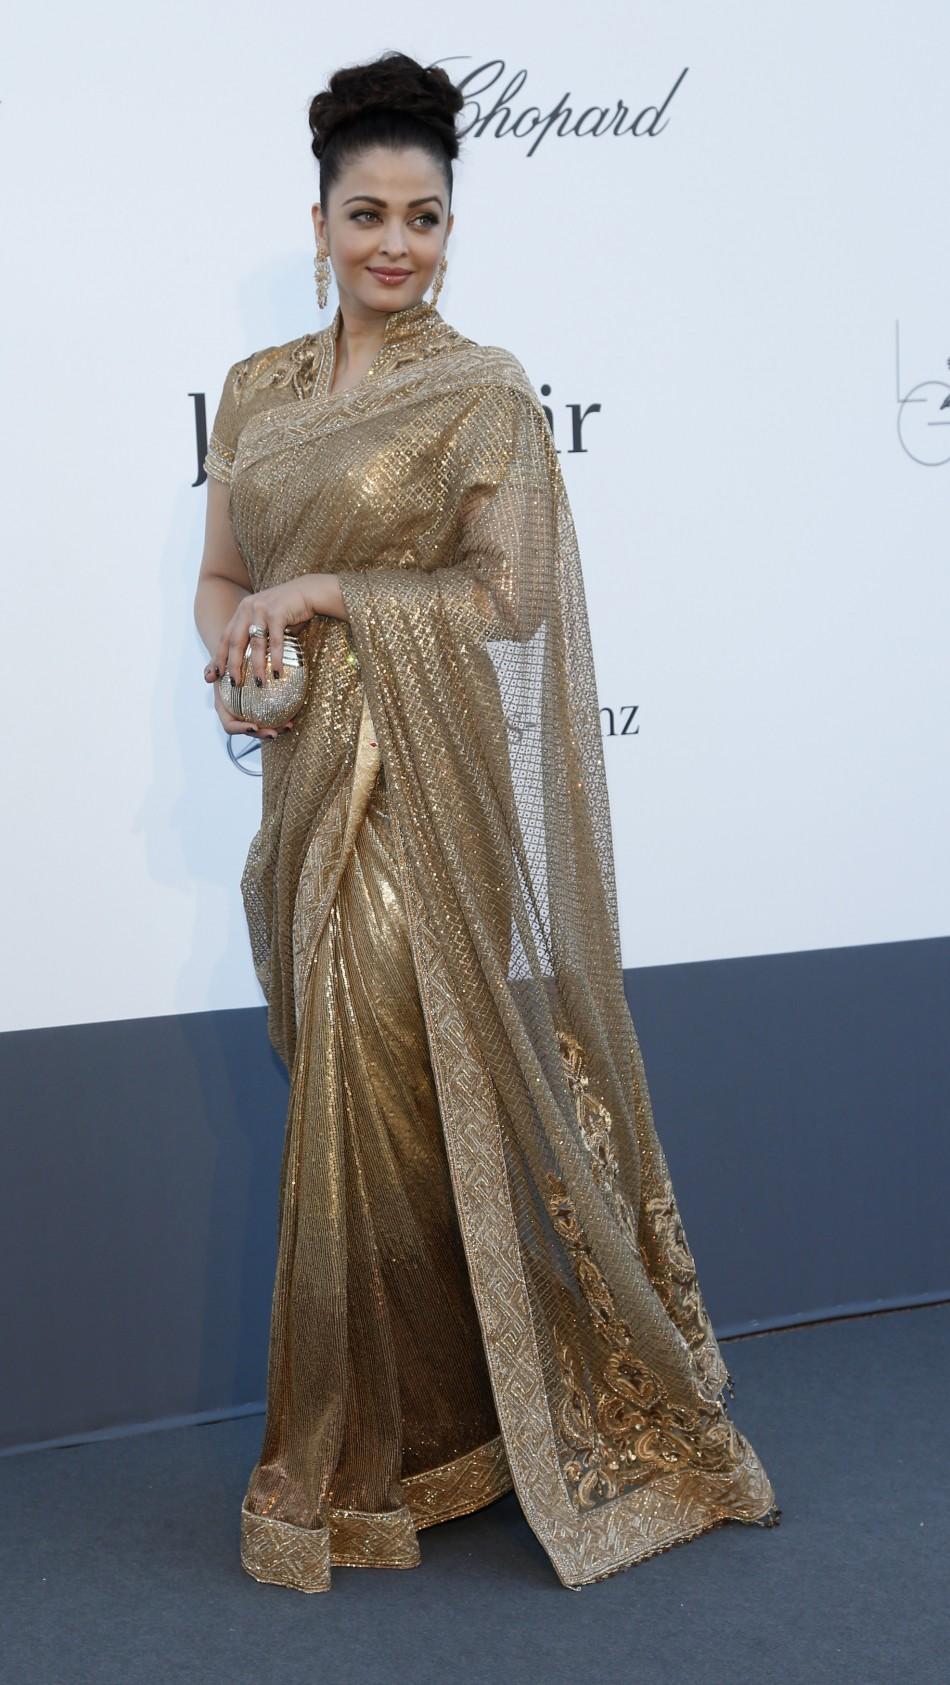 Cannes Film Festival 2013 Aishwarya Rai Bachchan Is